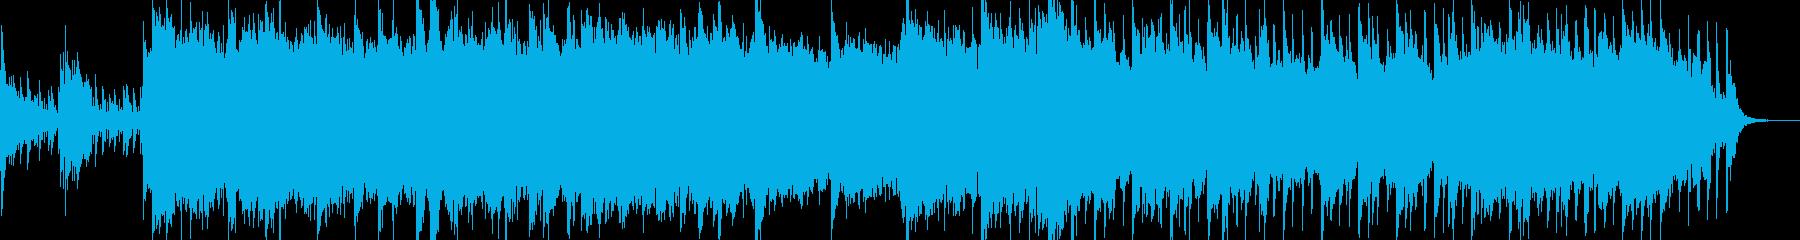 大海原を航海するタイタニック号の再生済みの波形